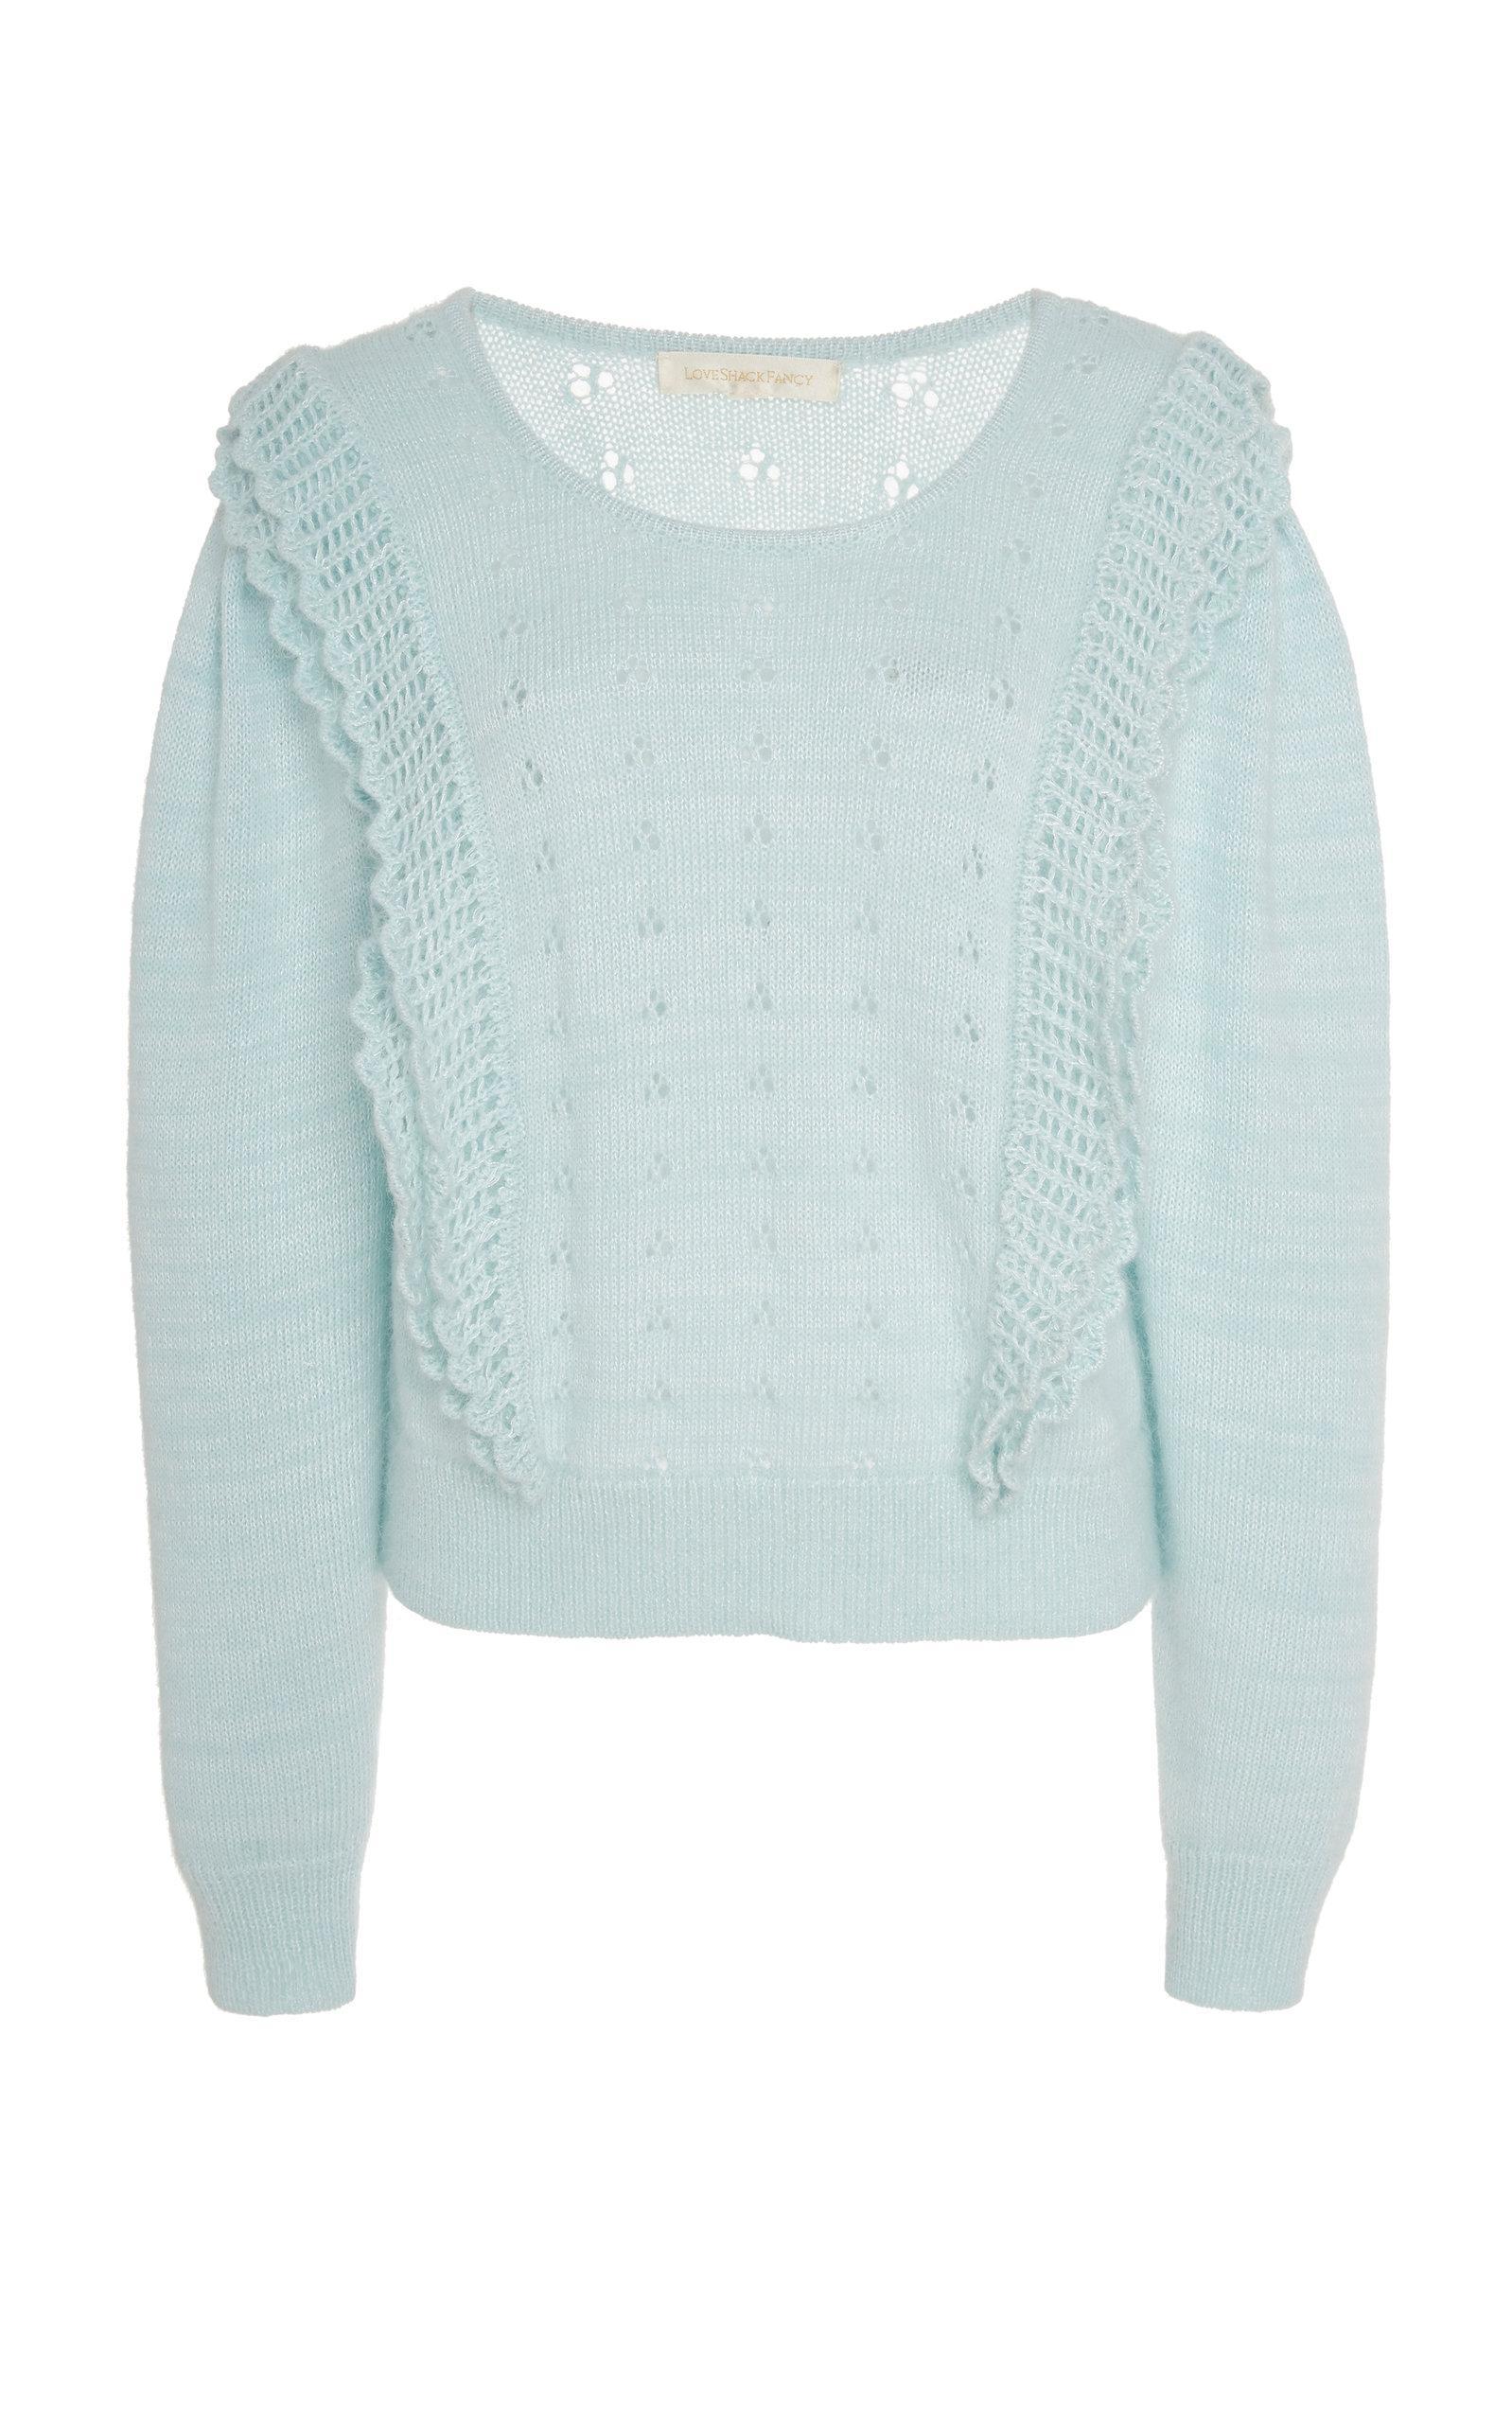 1d0ba235745 Lyst - LoveShackFancy Jasmine Ruffled Eyelet Knit Sweater in Blue